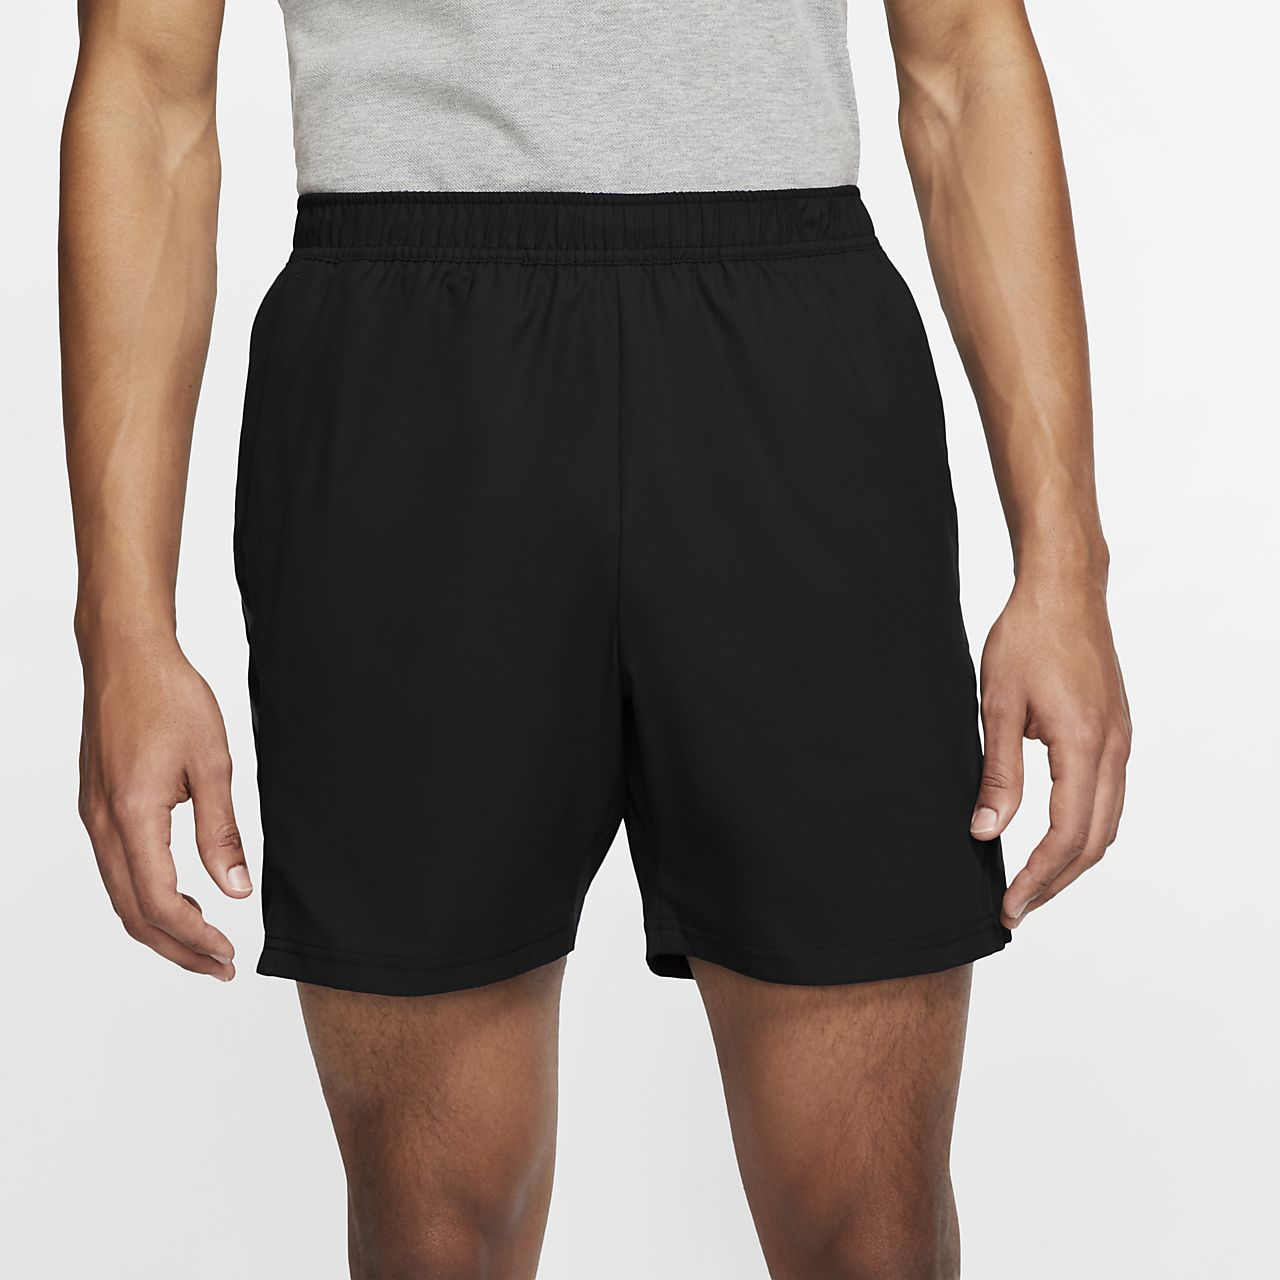 ead0f758b7b4 NikeCourt Dri-FIT Men s 7